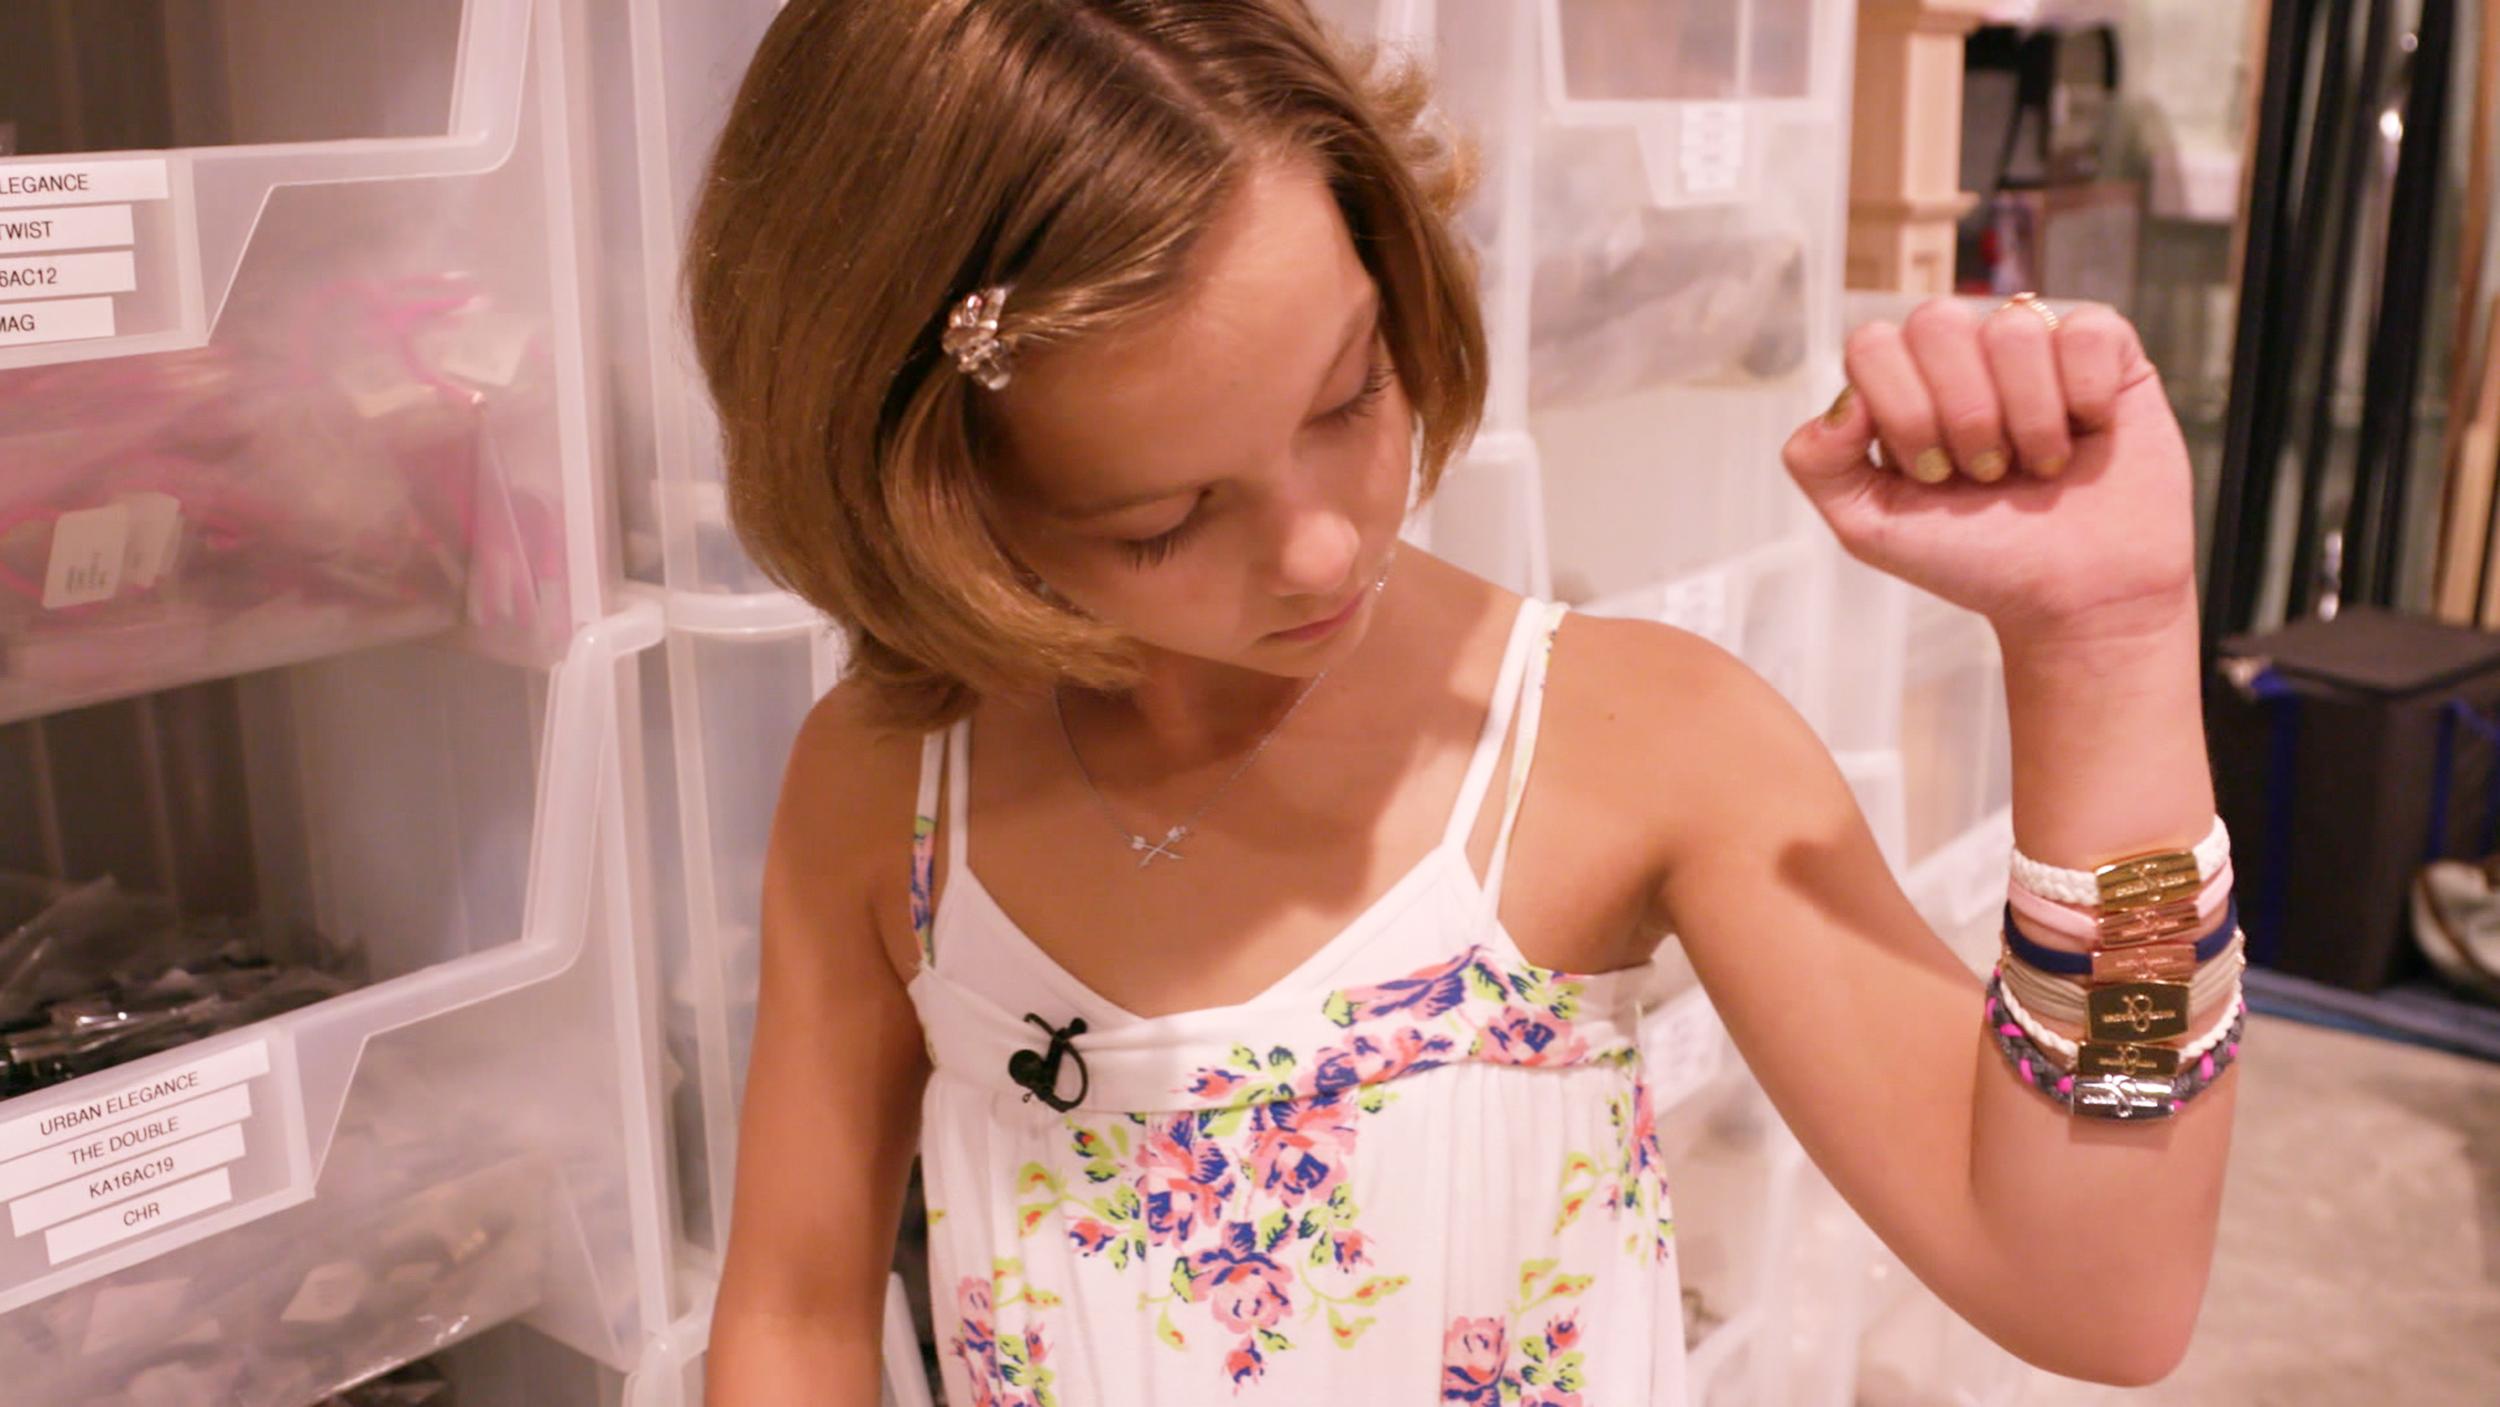 9 Year Old Cancer Survivor Makes Bracelets Help Other Kids